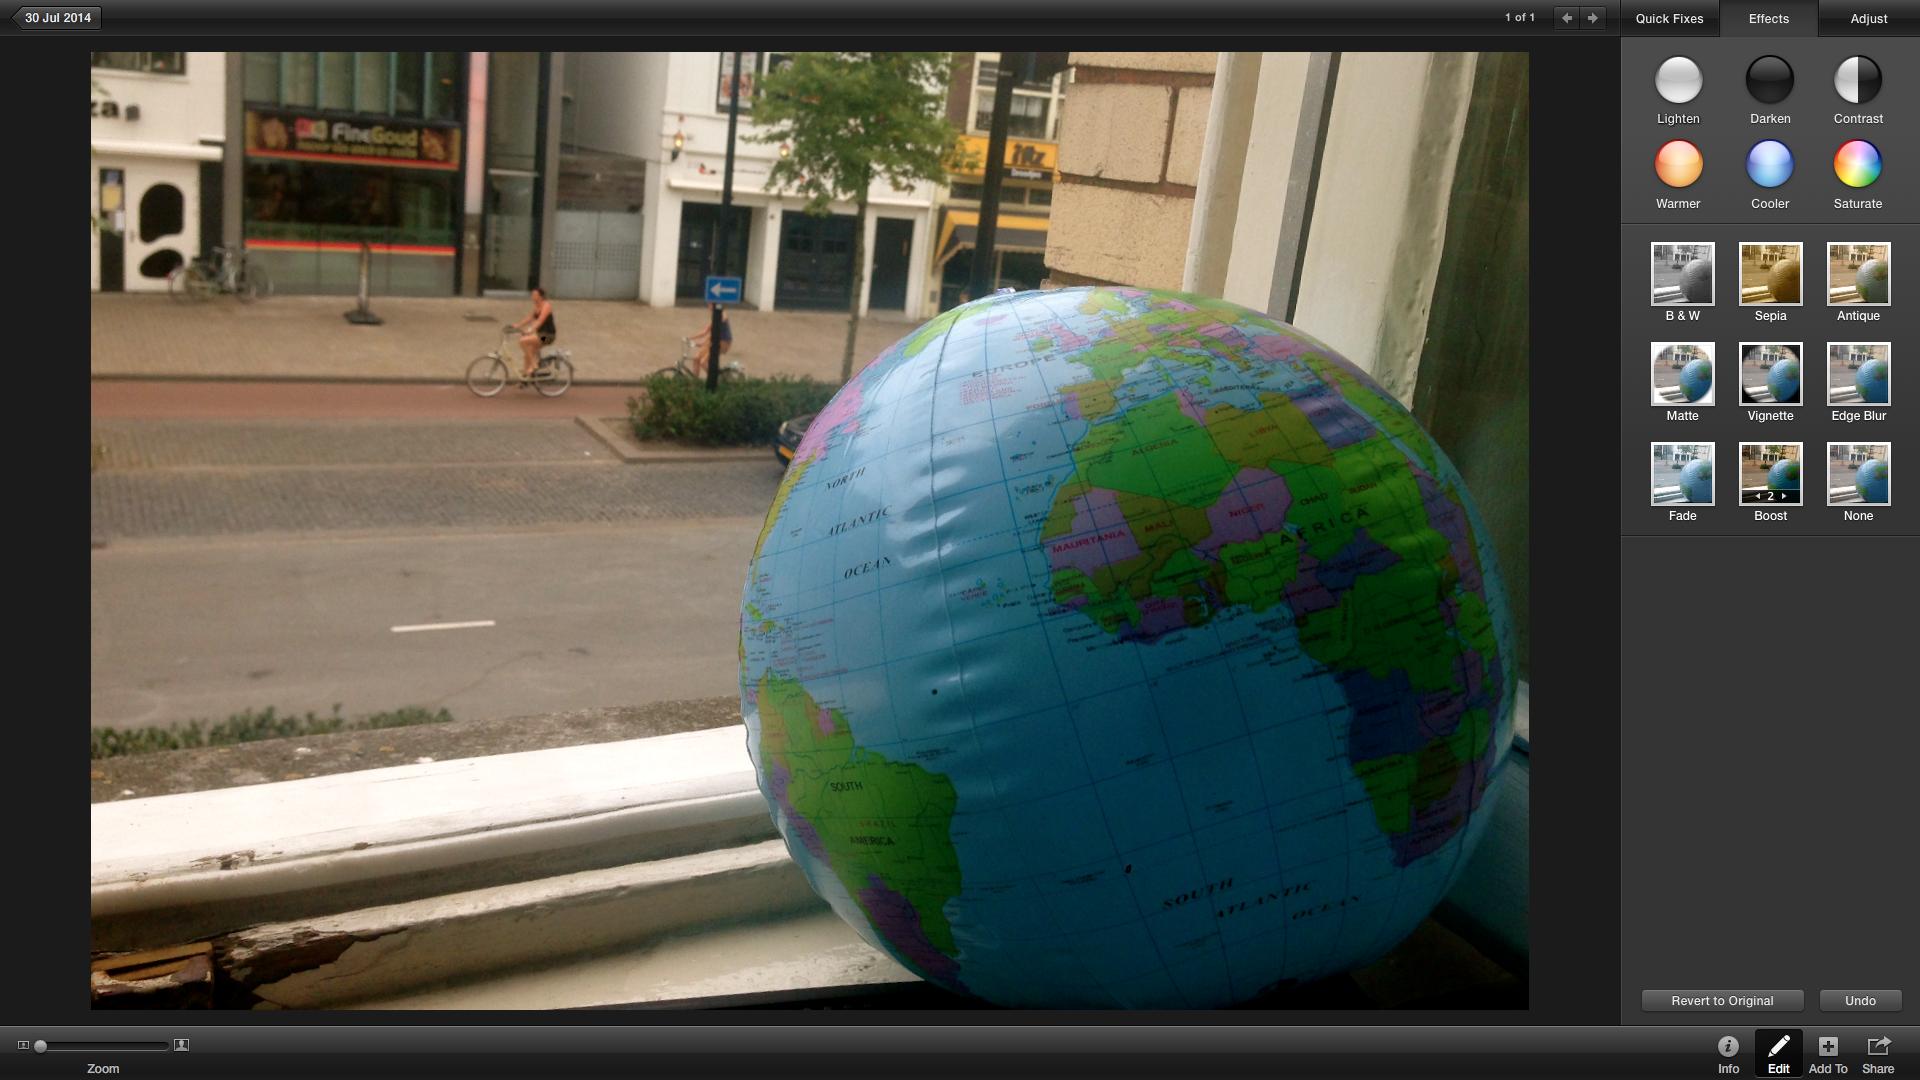 Screen Shot 2014-07-30 at 13.57.03